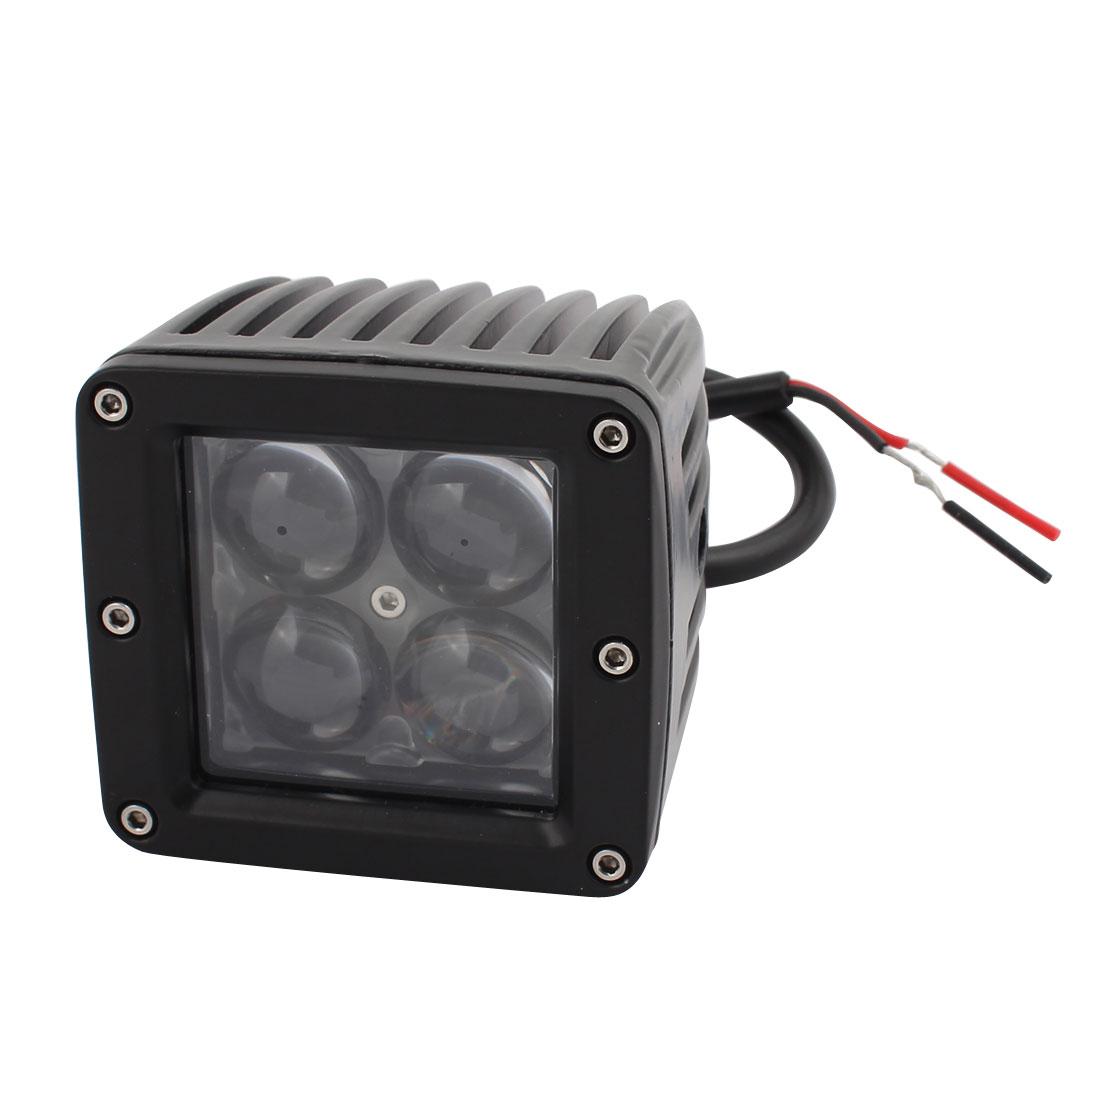 12W-B 12W DC 10V-30V 4 LED Bulb Spotlight Working Lamp for Room Lighting